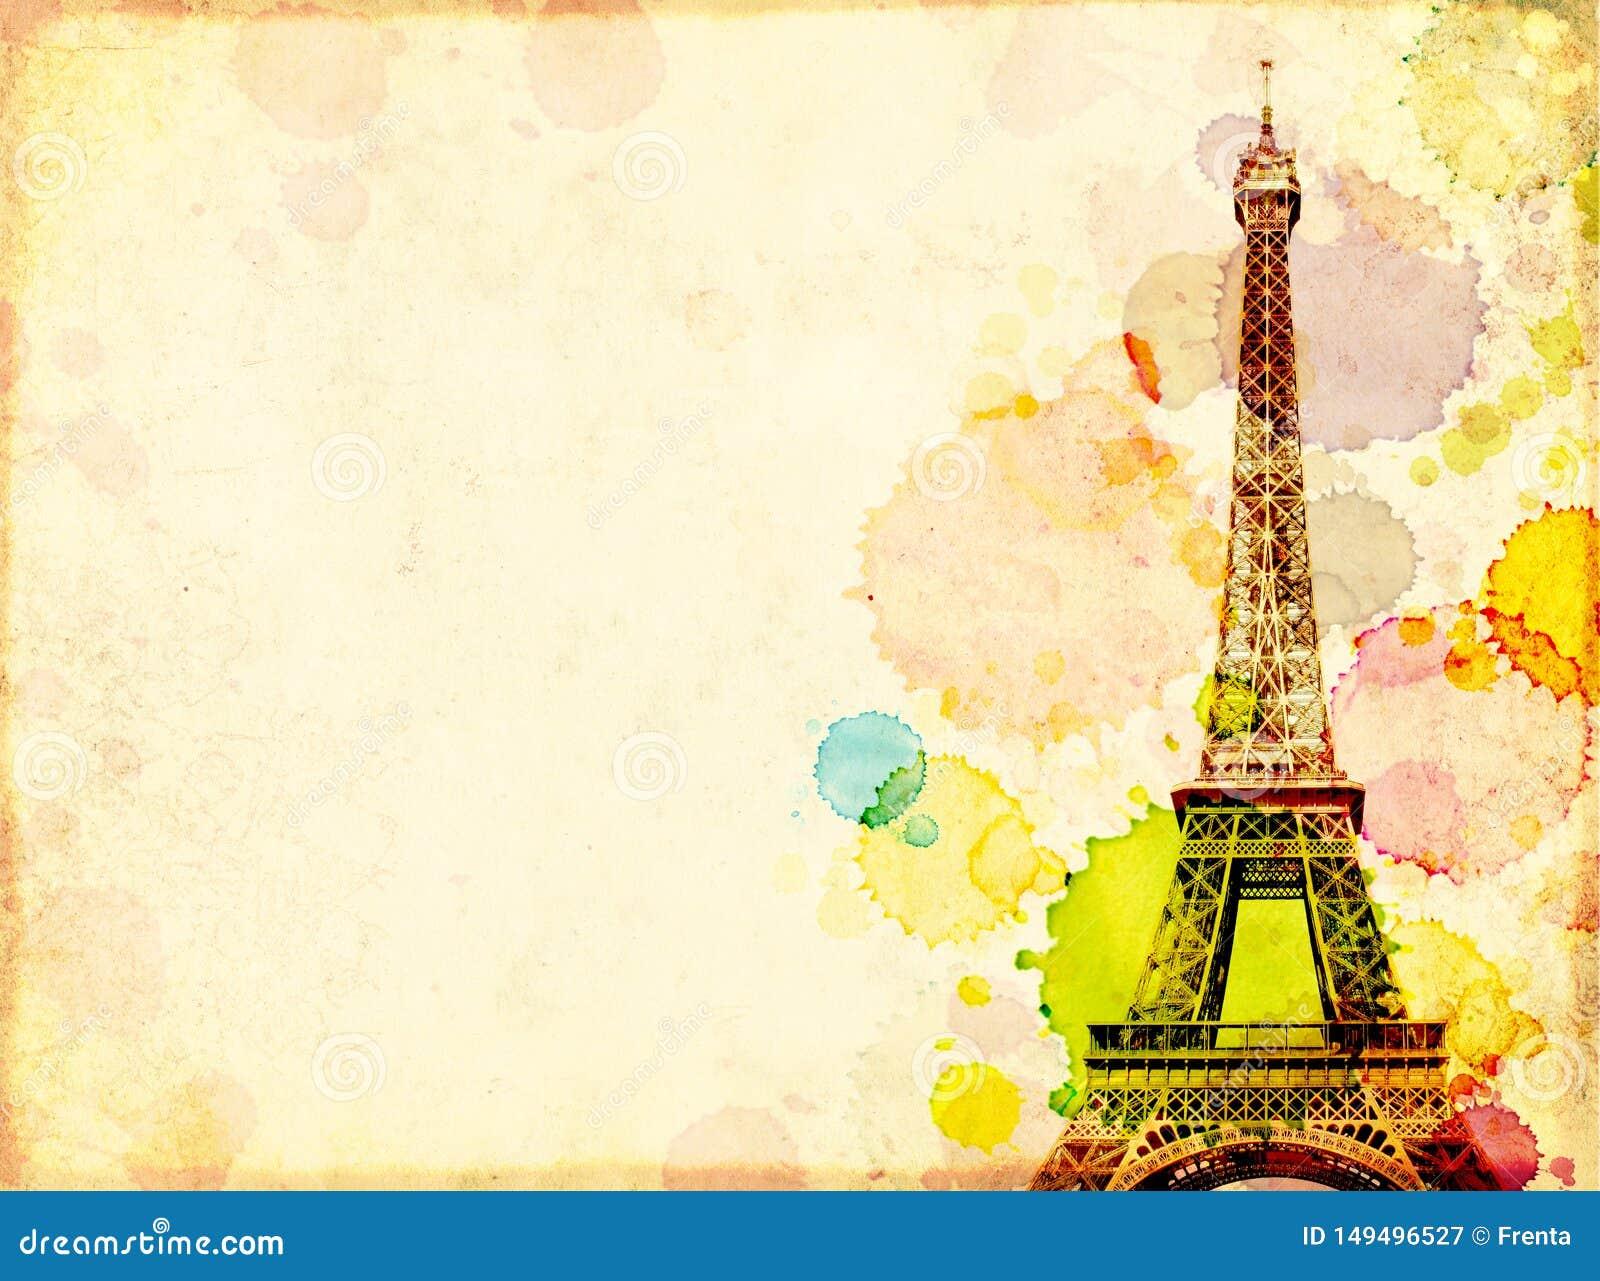 Fondo del Grunge con vieja textura de papel, manchas de la pintura y torre Eiffel